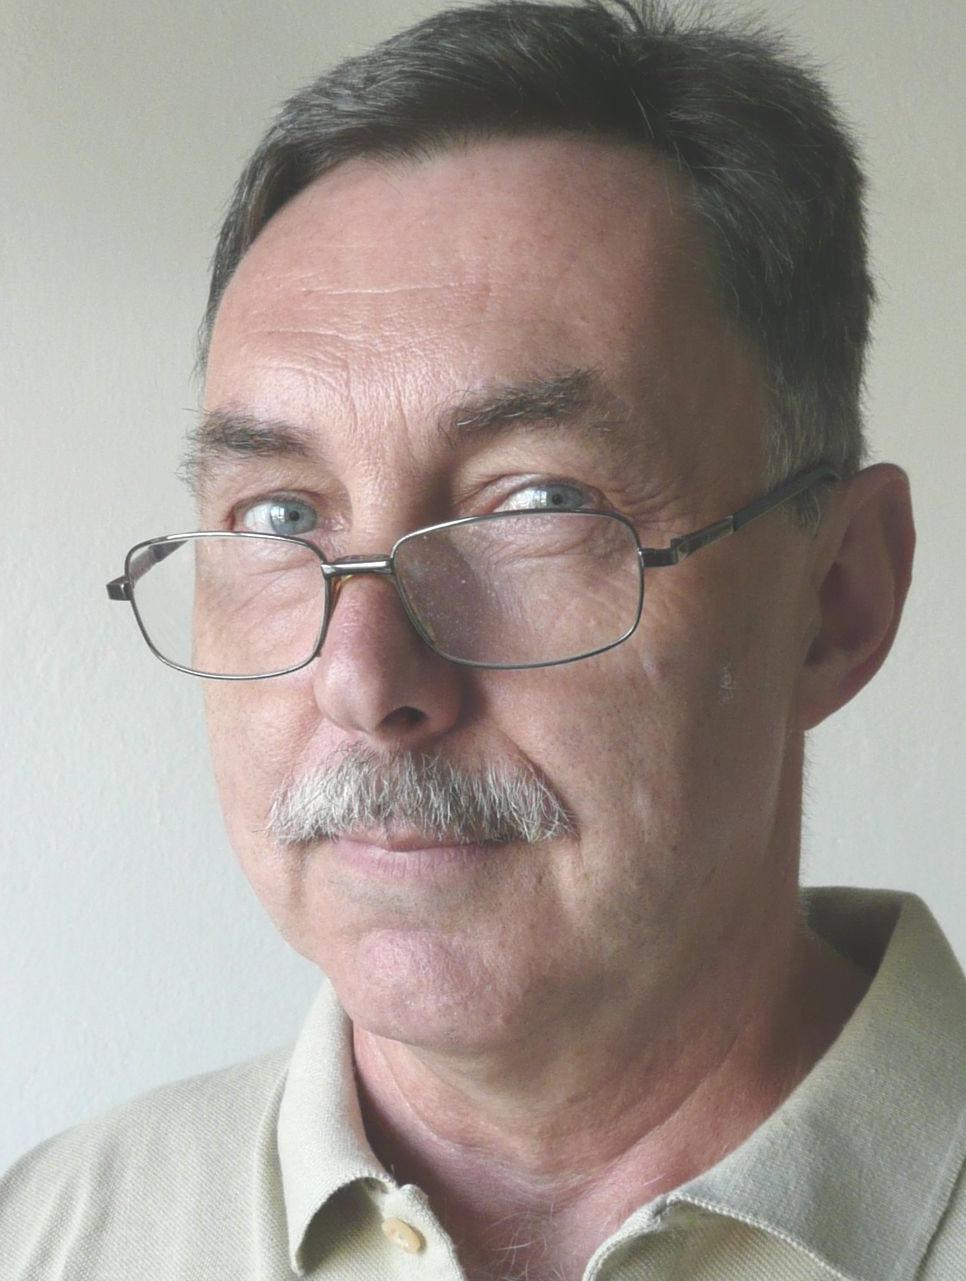 Mug shot of Eduard Petrovsky